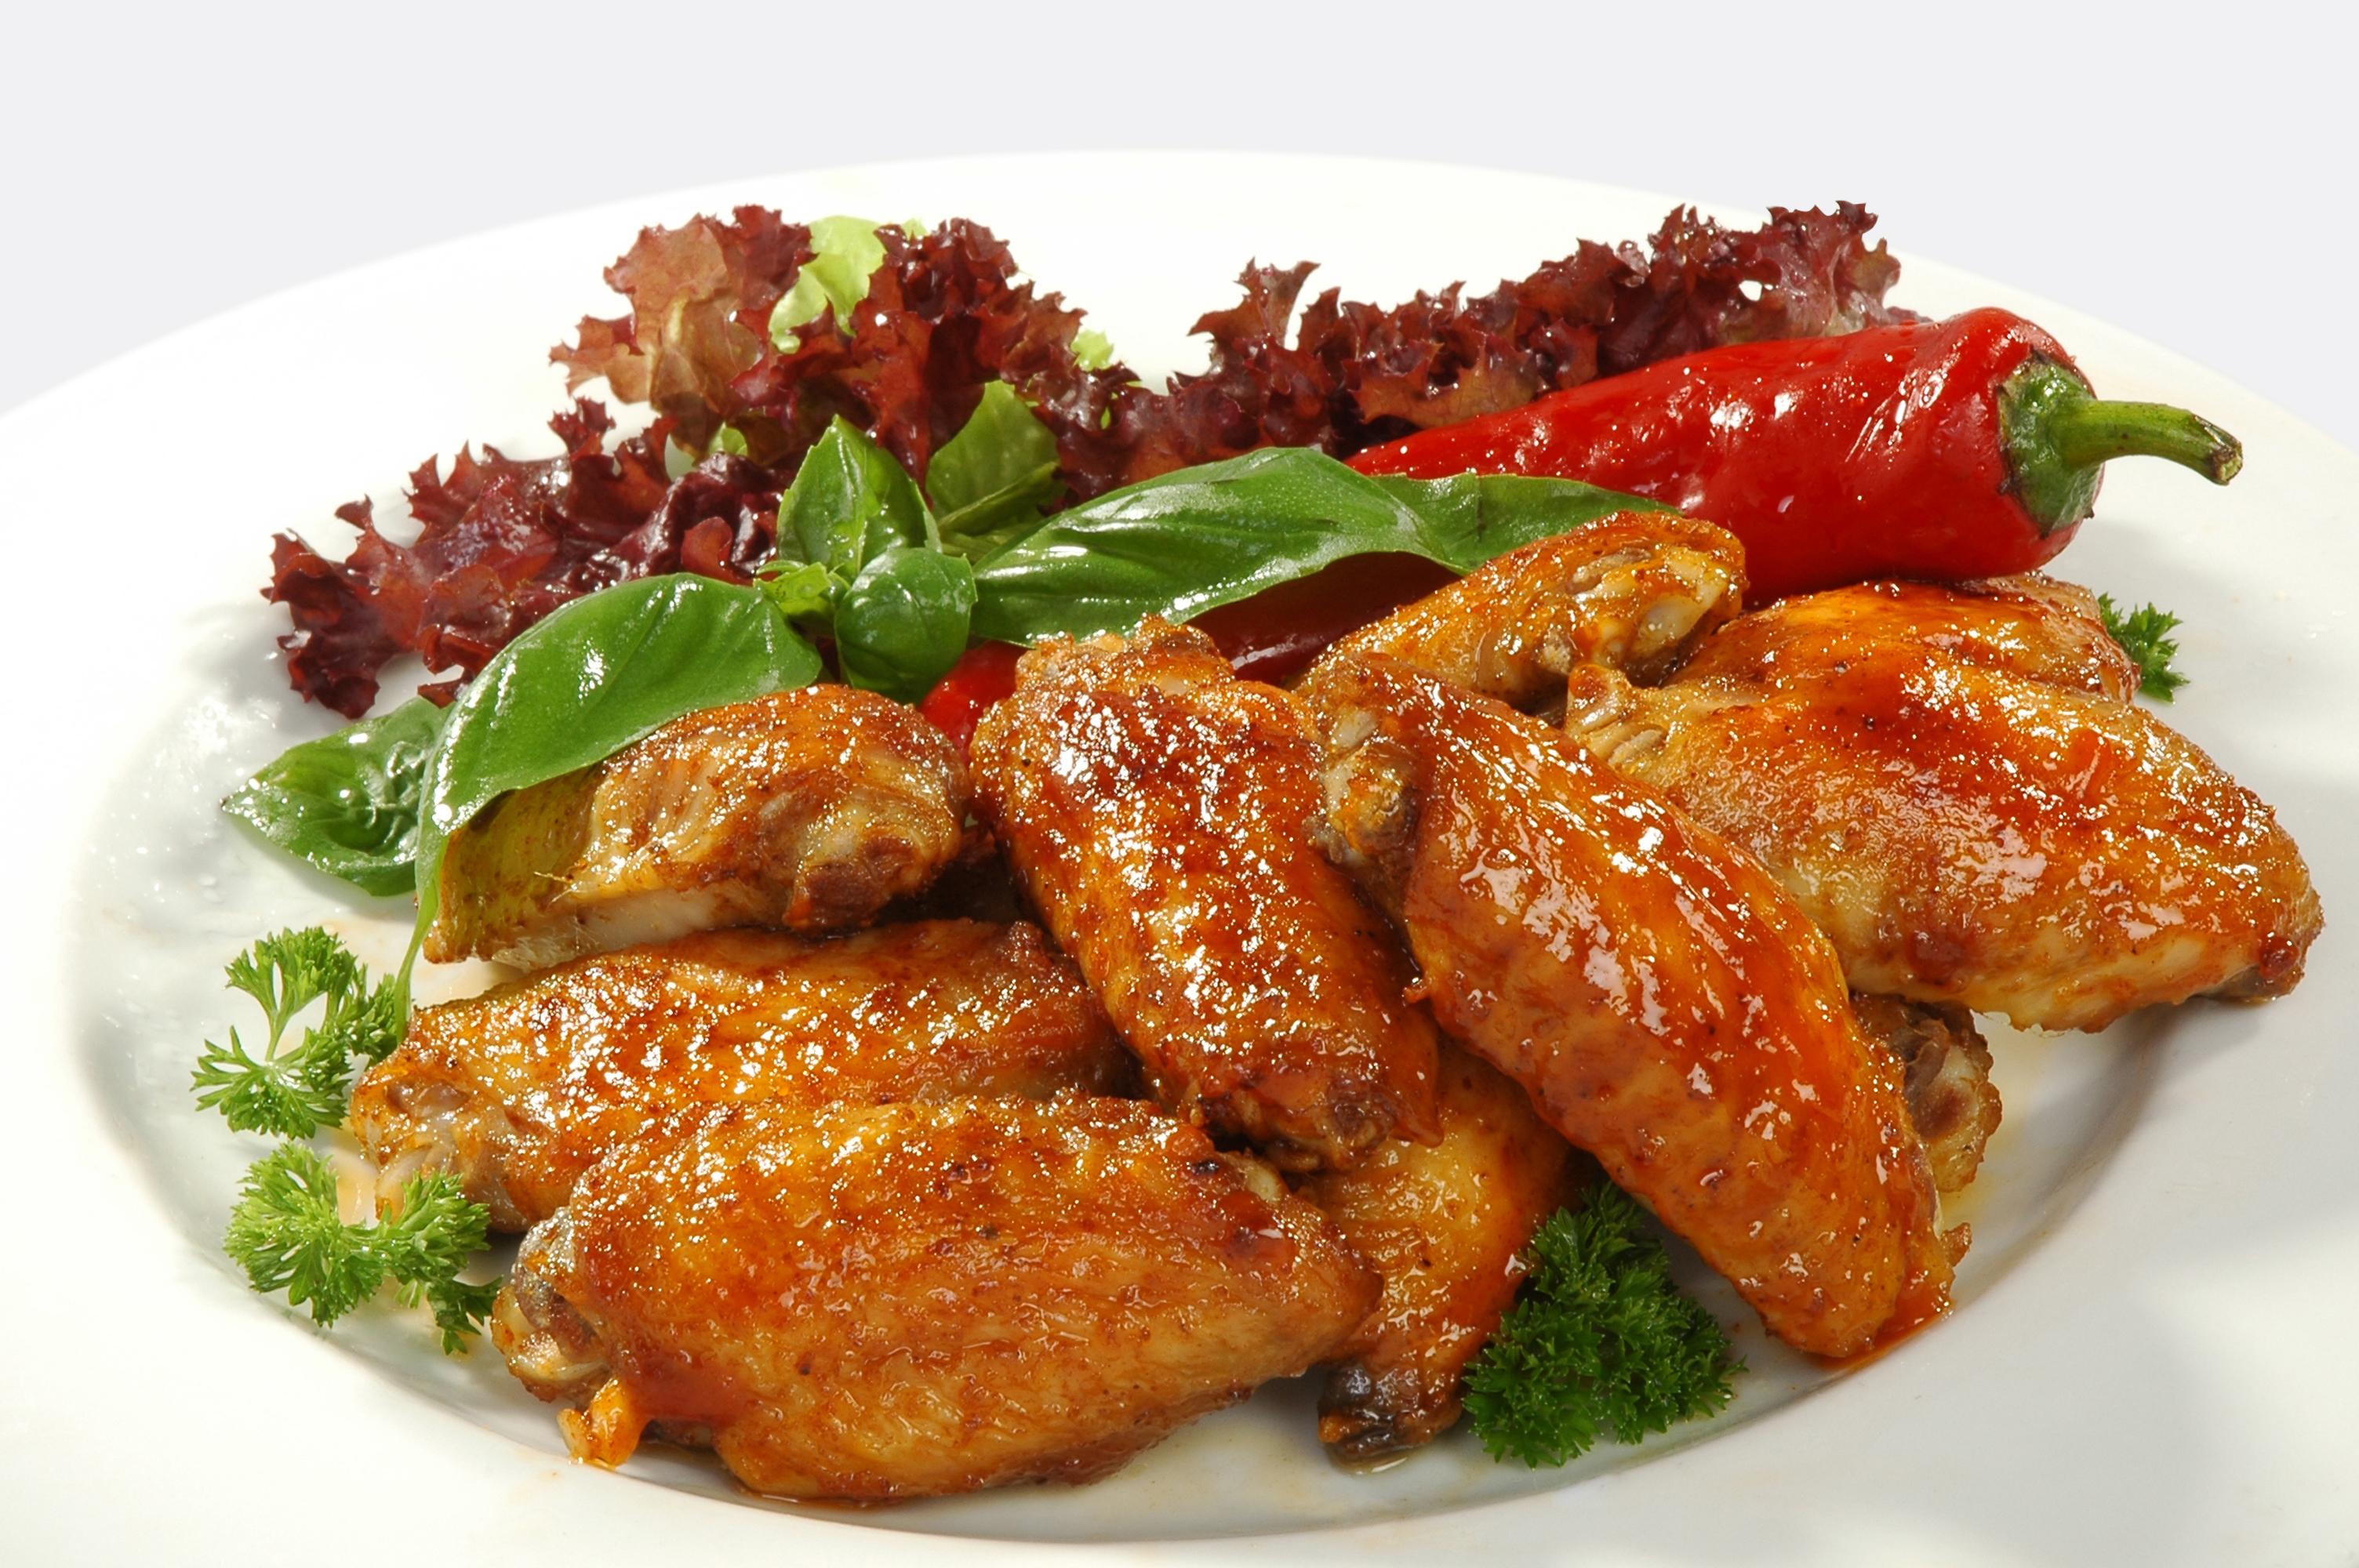 Daugėja per maistą plintančių ligų